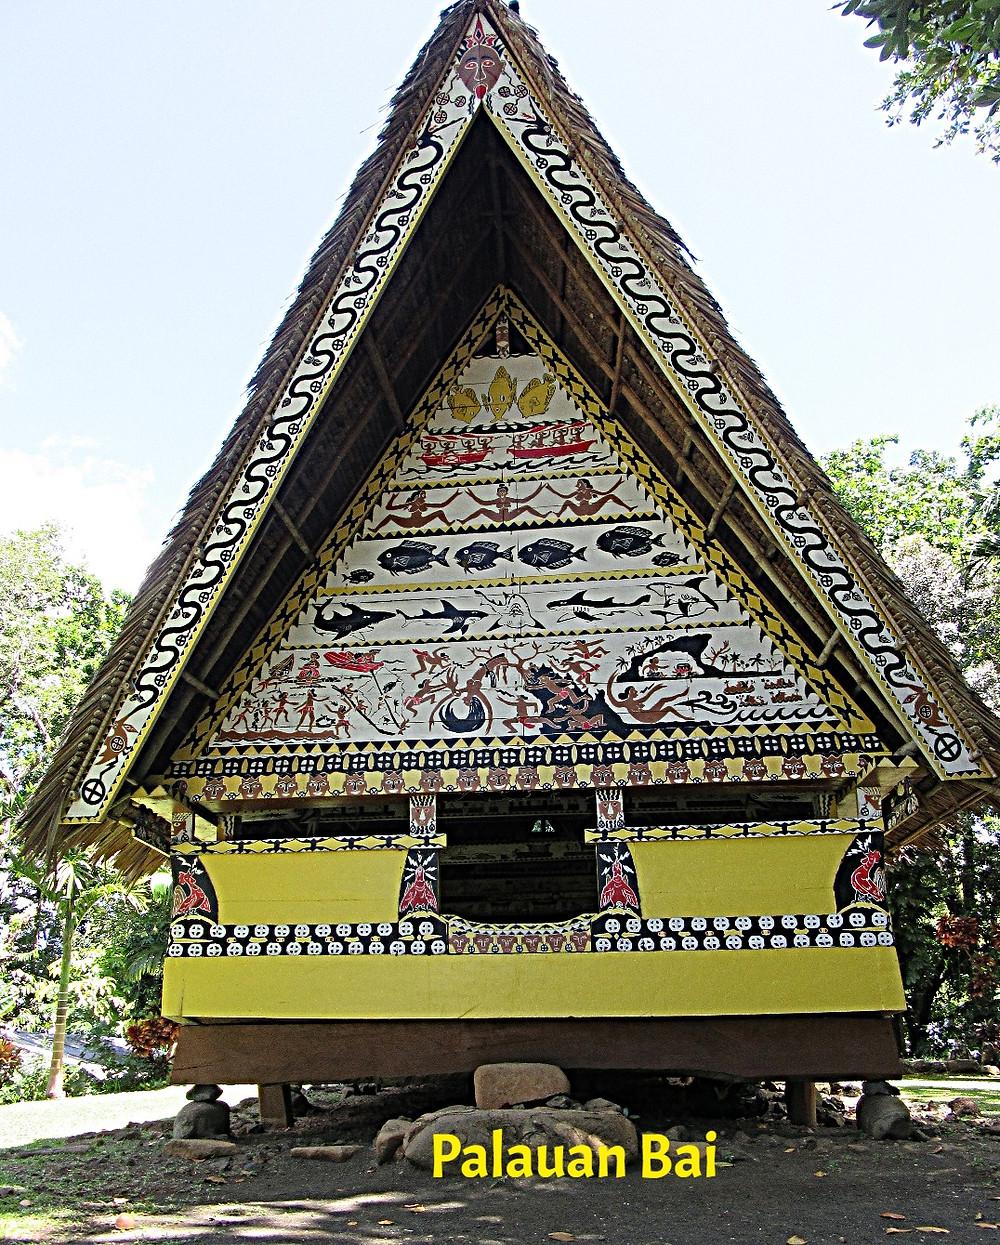 Palauan Bai